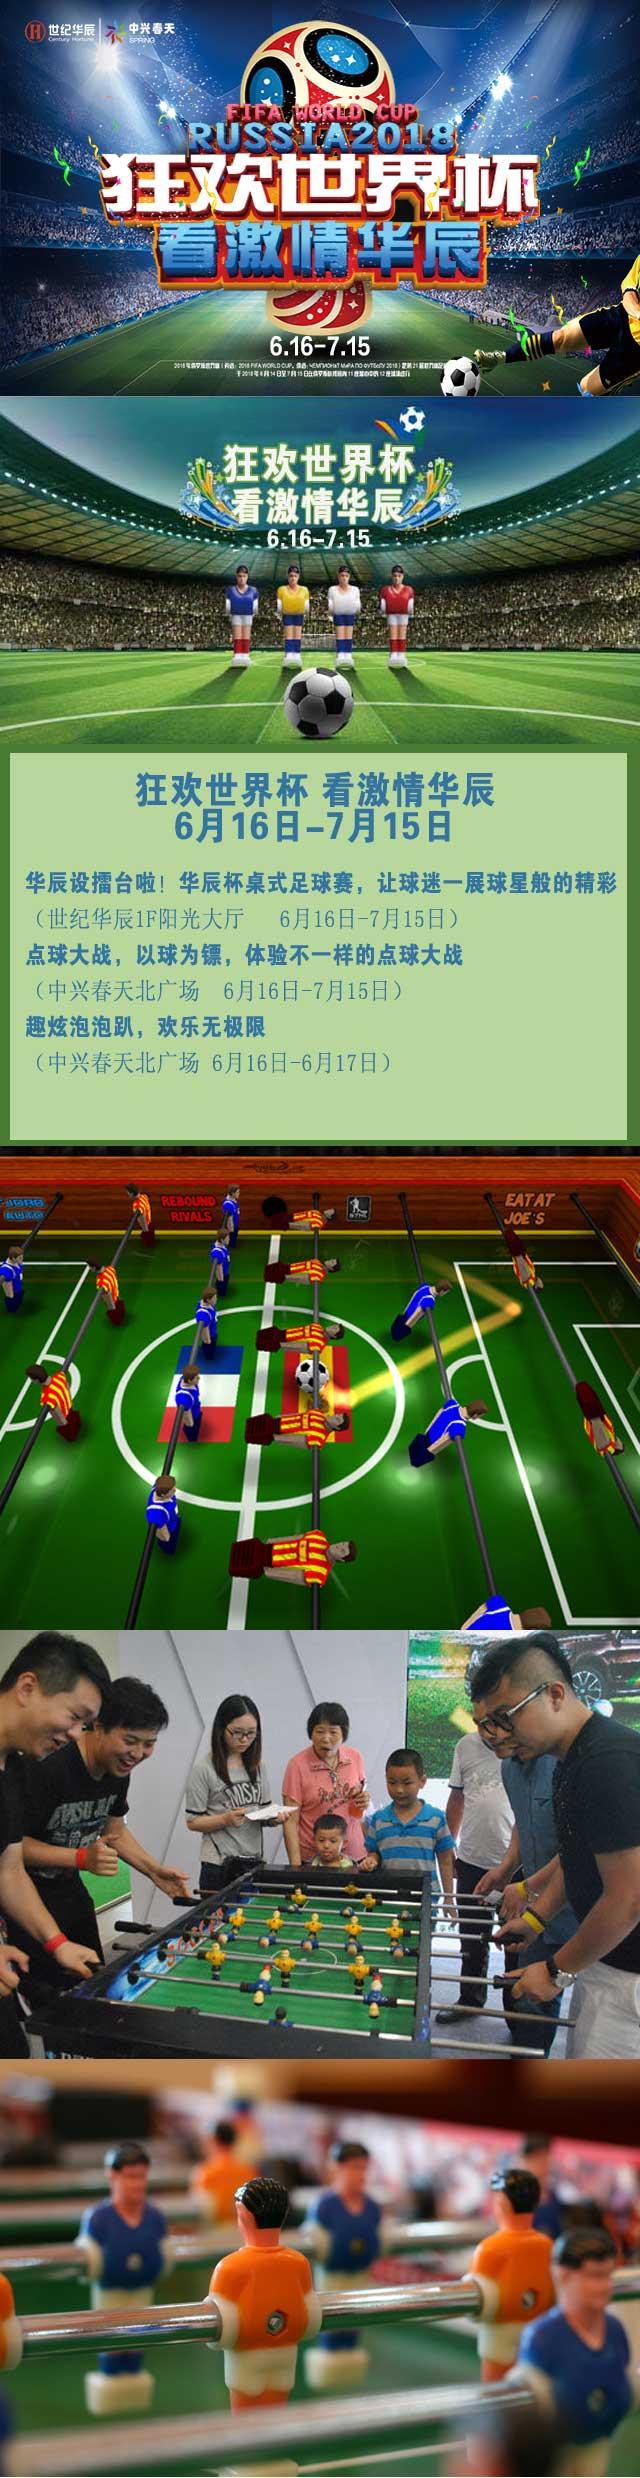 世界杯1200.jpg